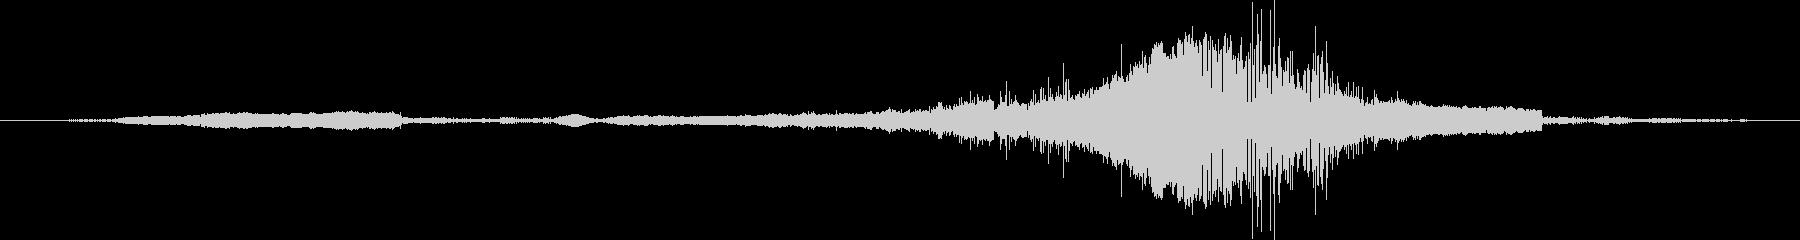 250 Cc 4ストローク:アプロ...の未再生の波形